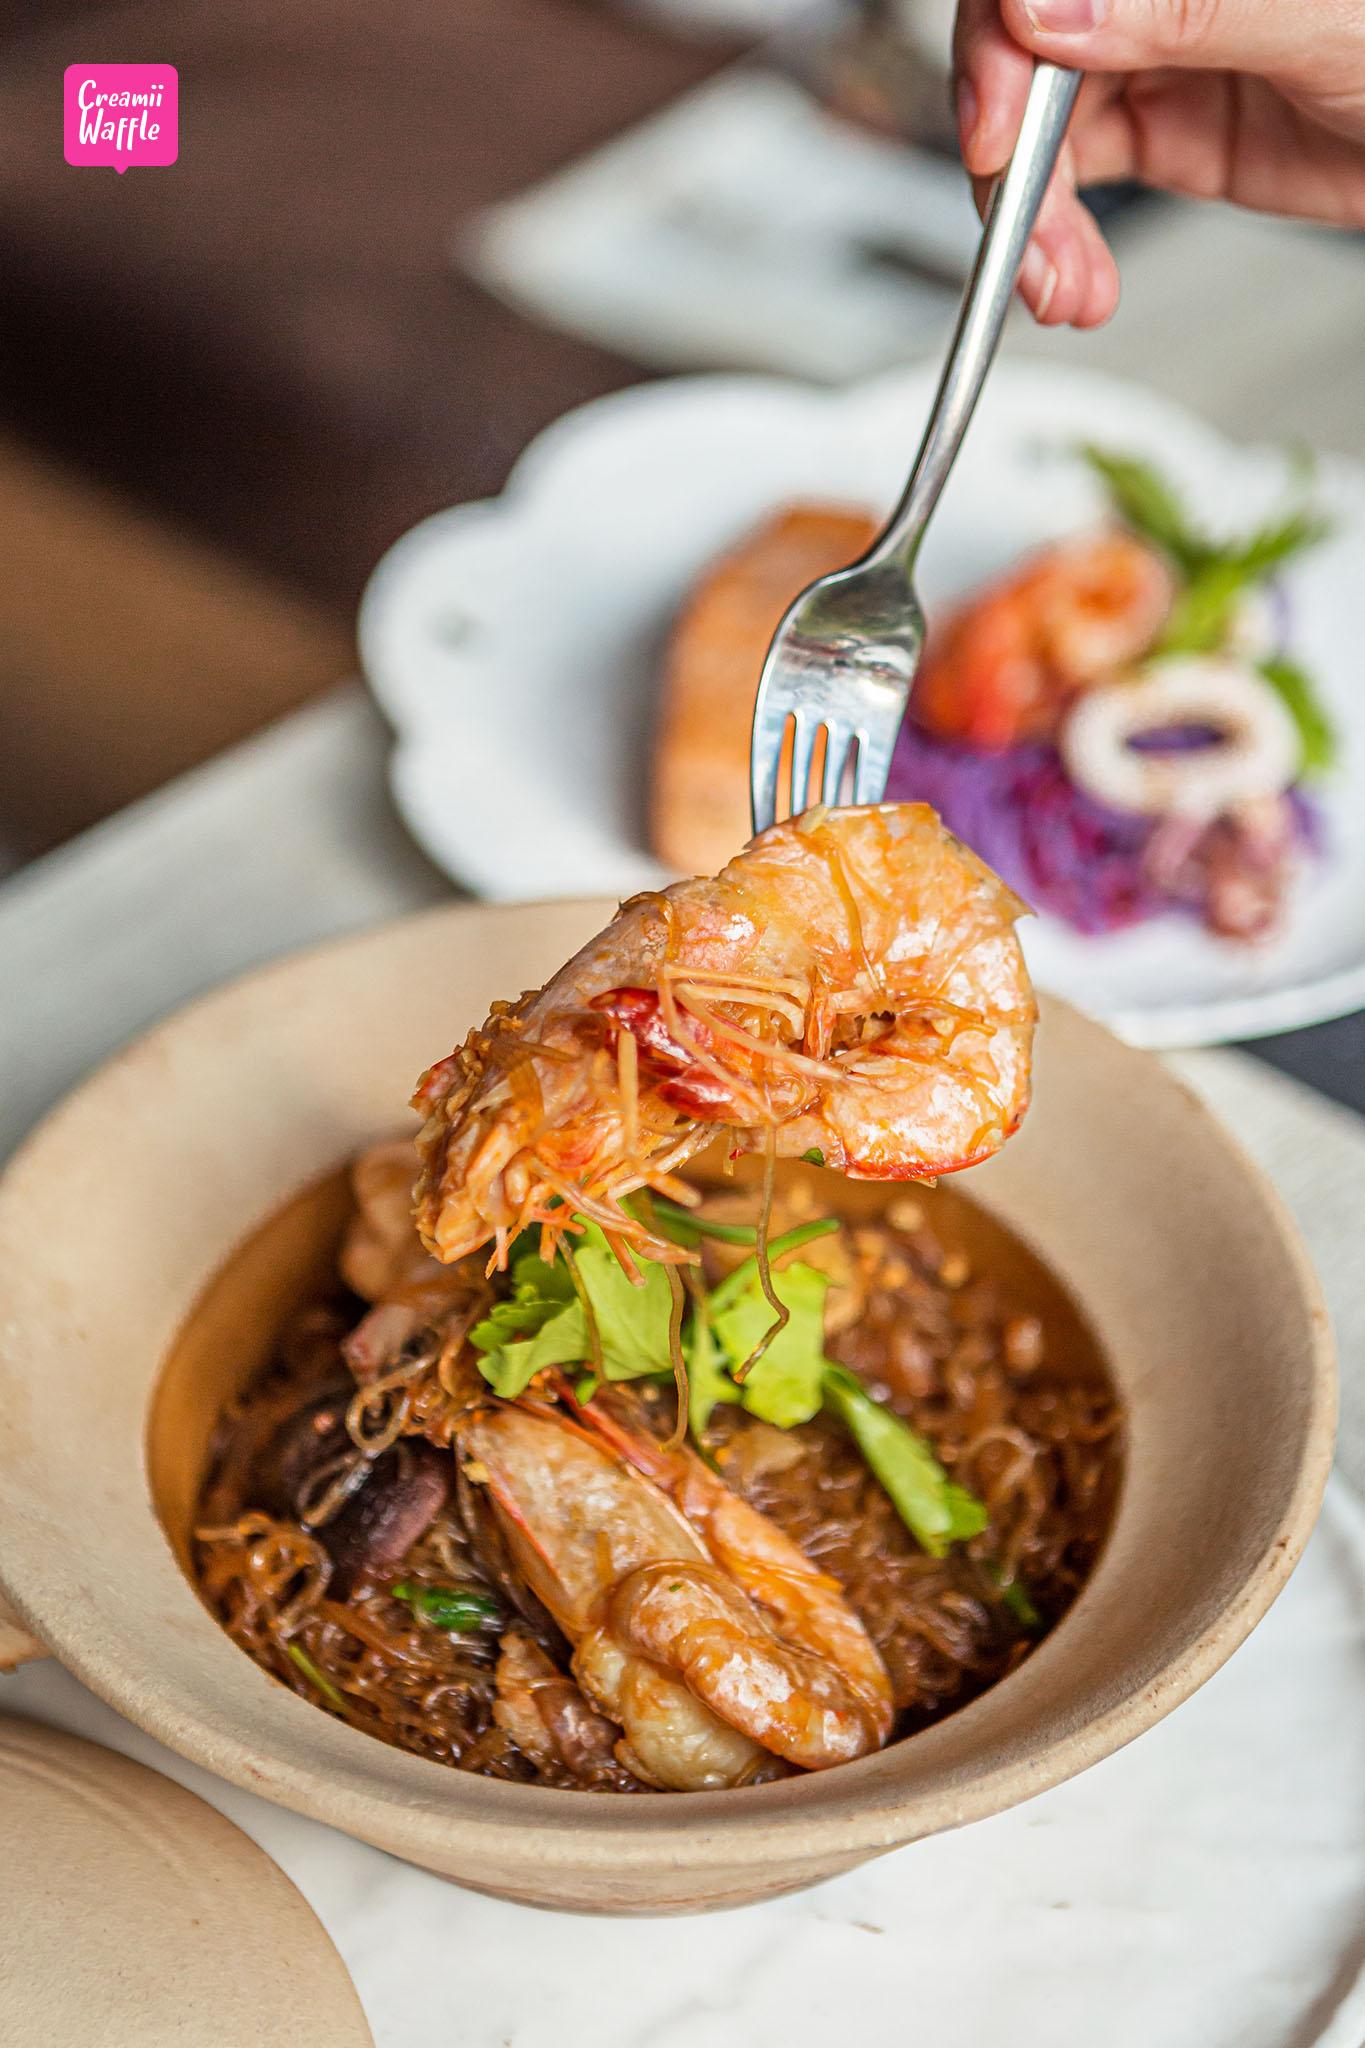 Stone and Star (ชิดลม) ร้านอาหารไทยและบาร์บรรยากาศล้ำๆ